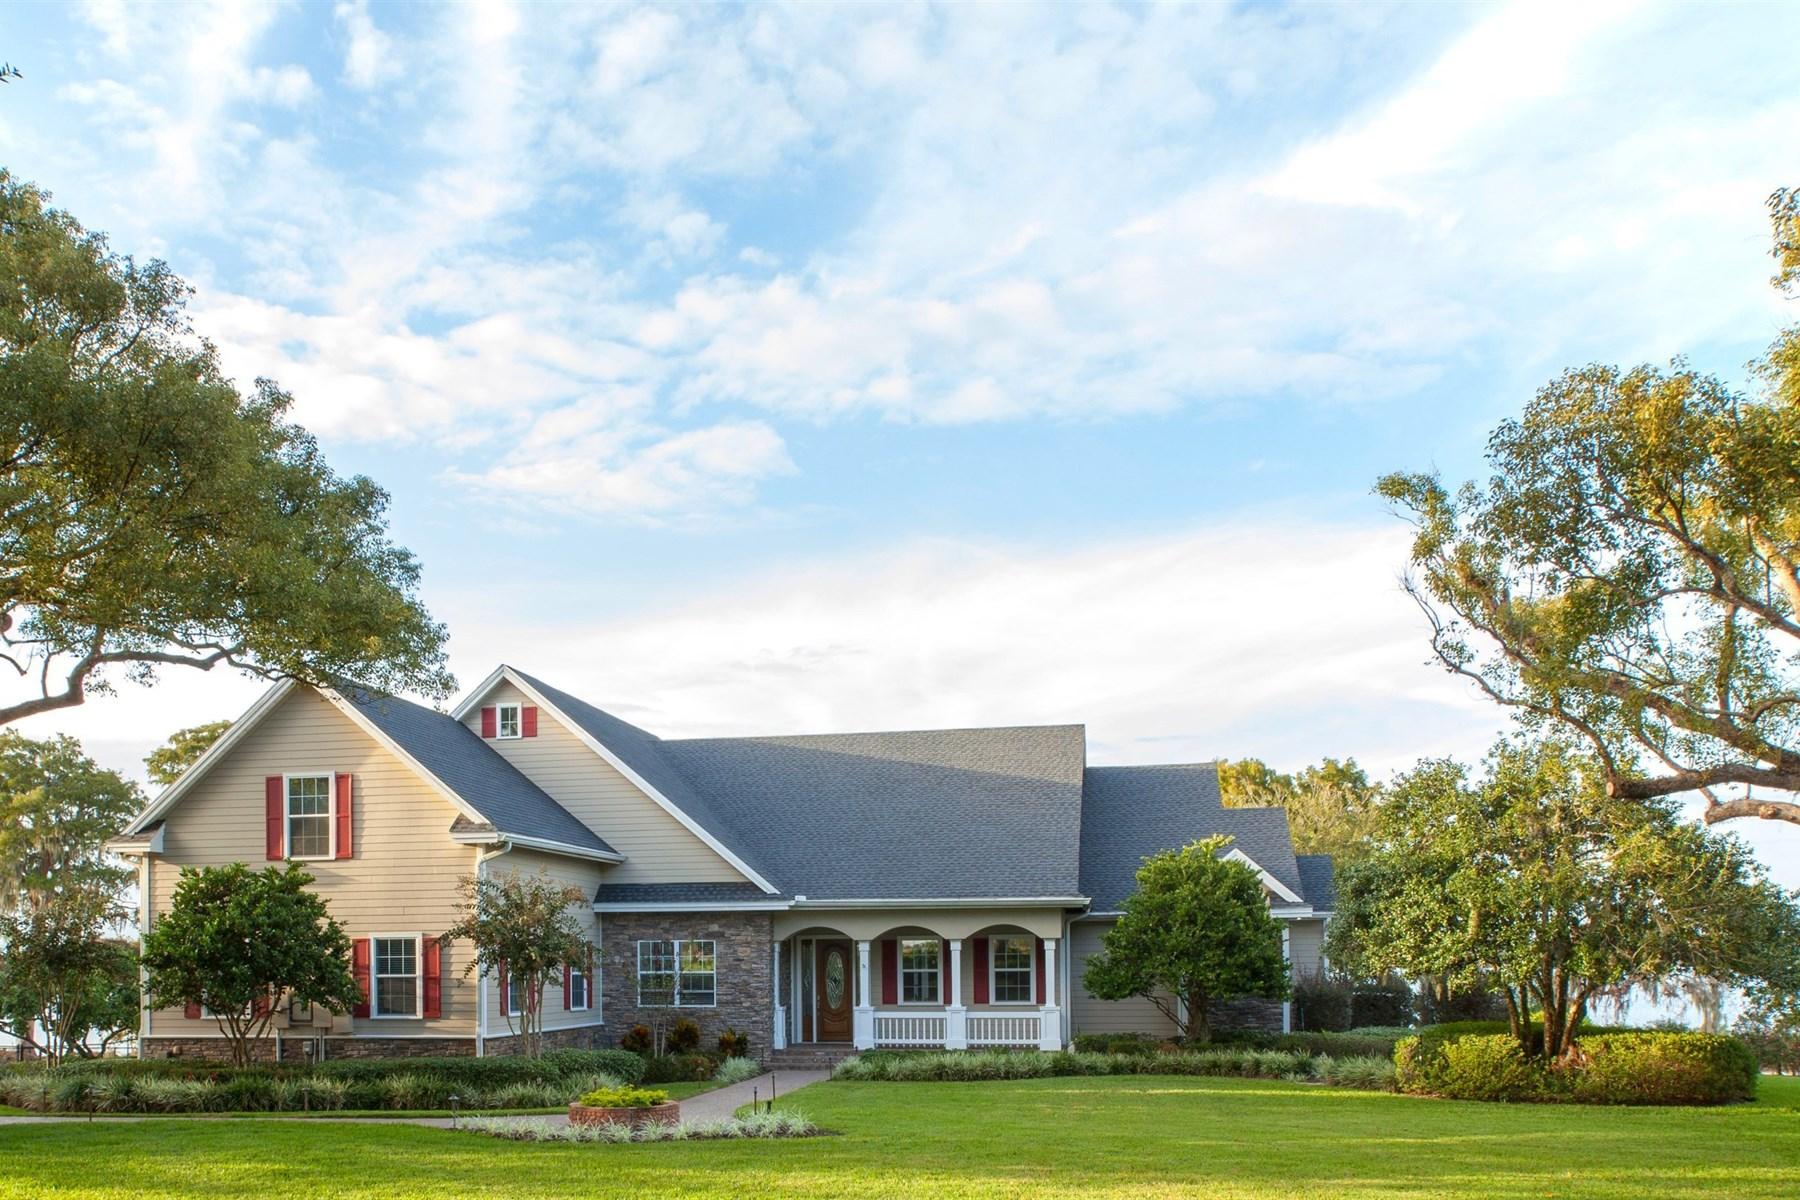 Property For Sale at Mount Dora, Florida